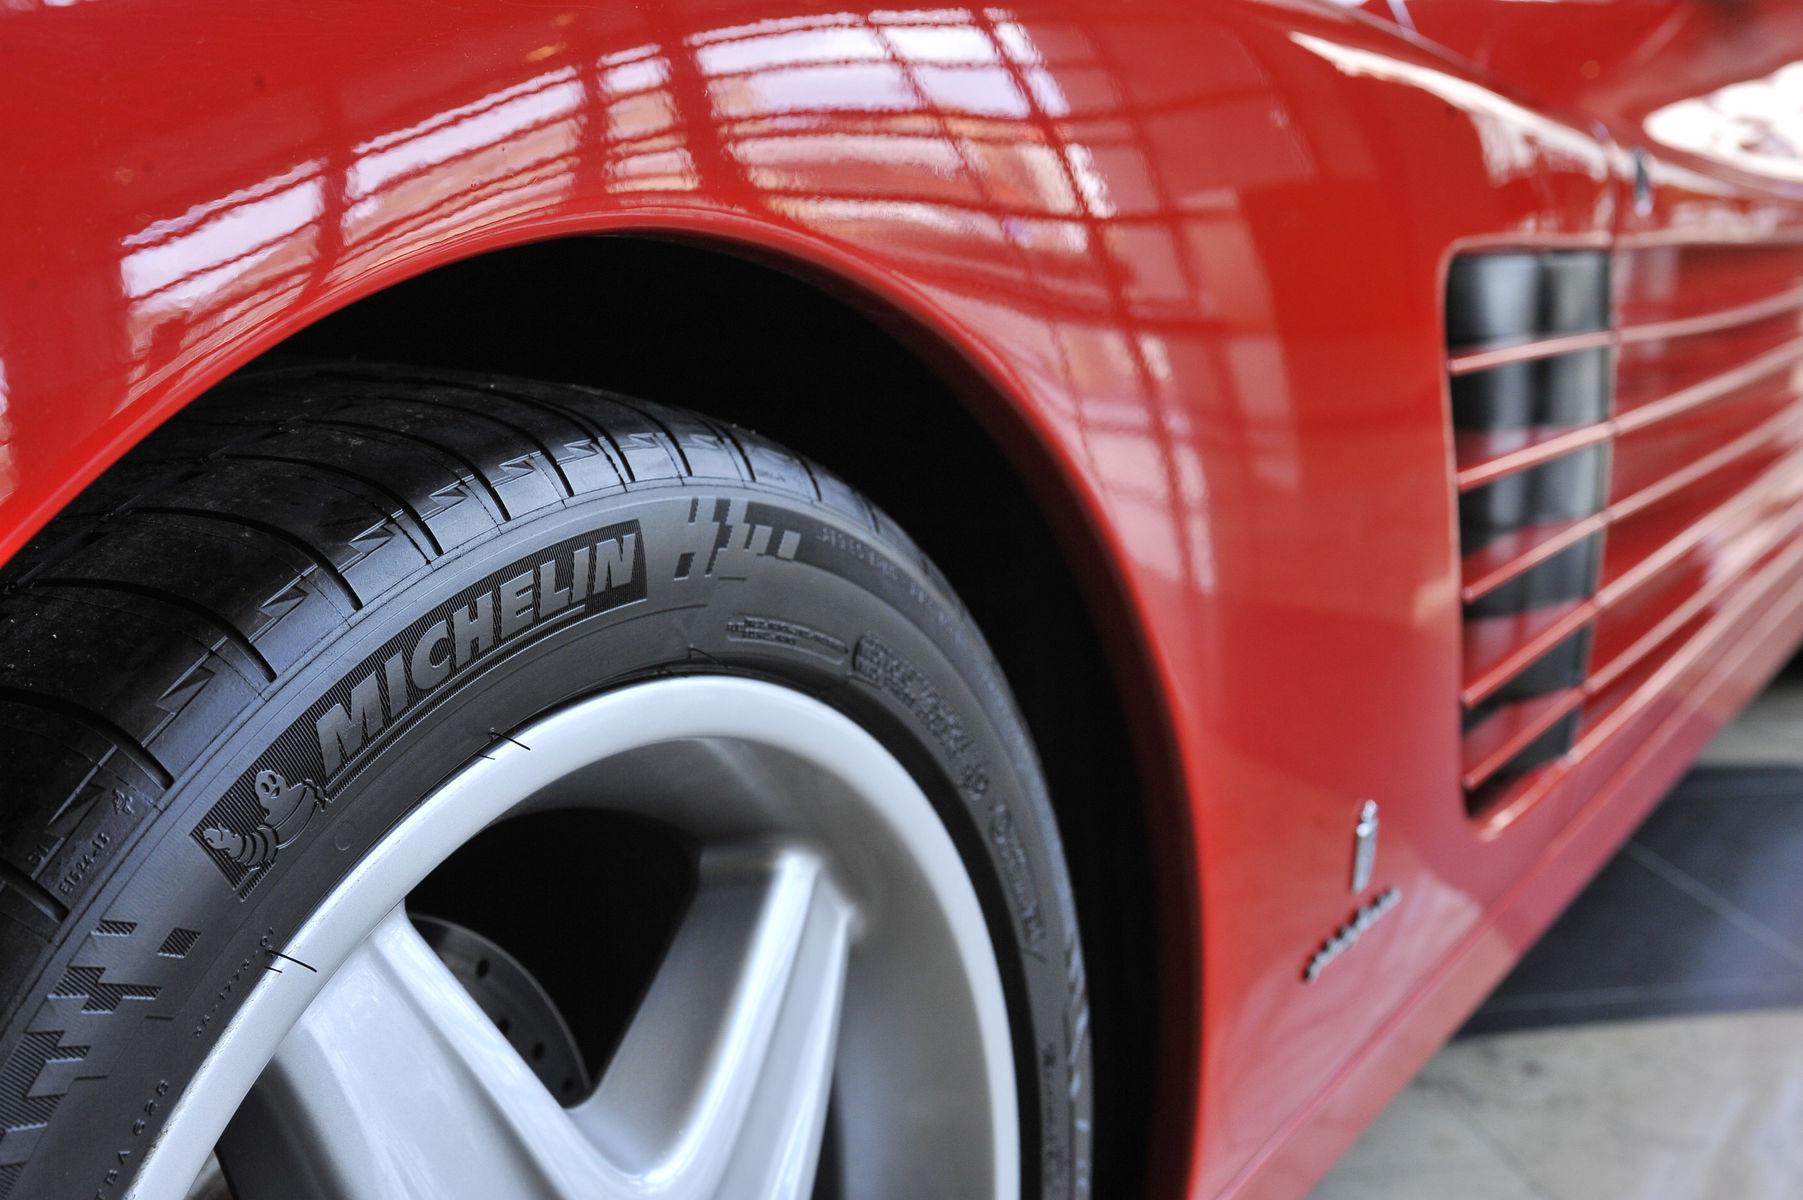 Ferrari Testarossa | Ferrari Testarossa